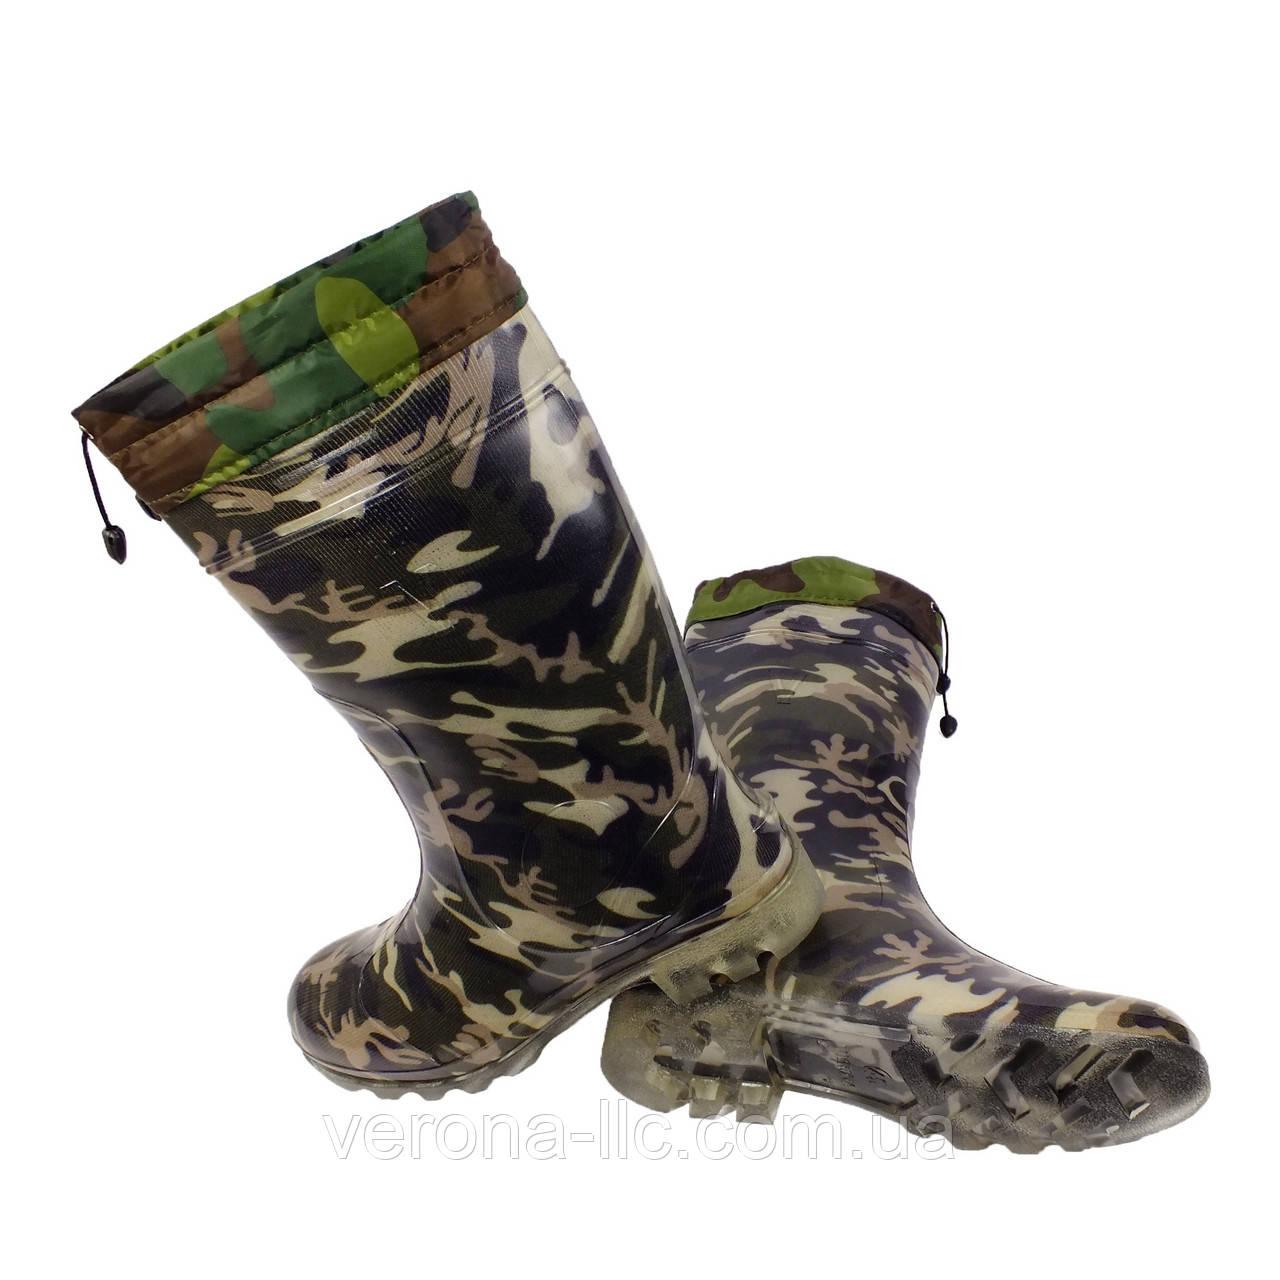 964772bcc Сапоги силиконовые [утепленные] ГРИБНИК (Камуфляж) Verona - Производство  обуви